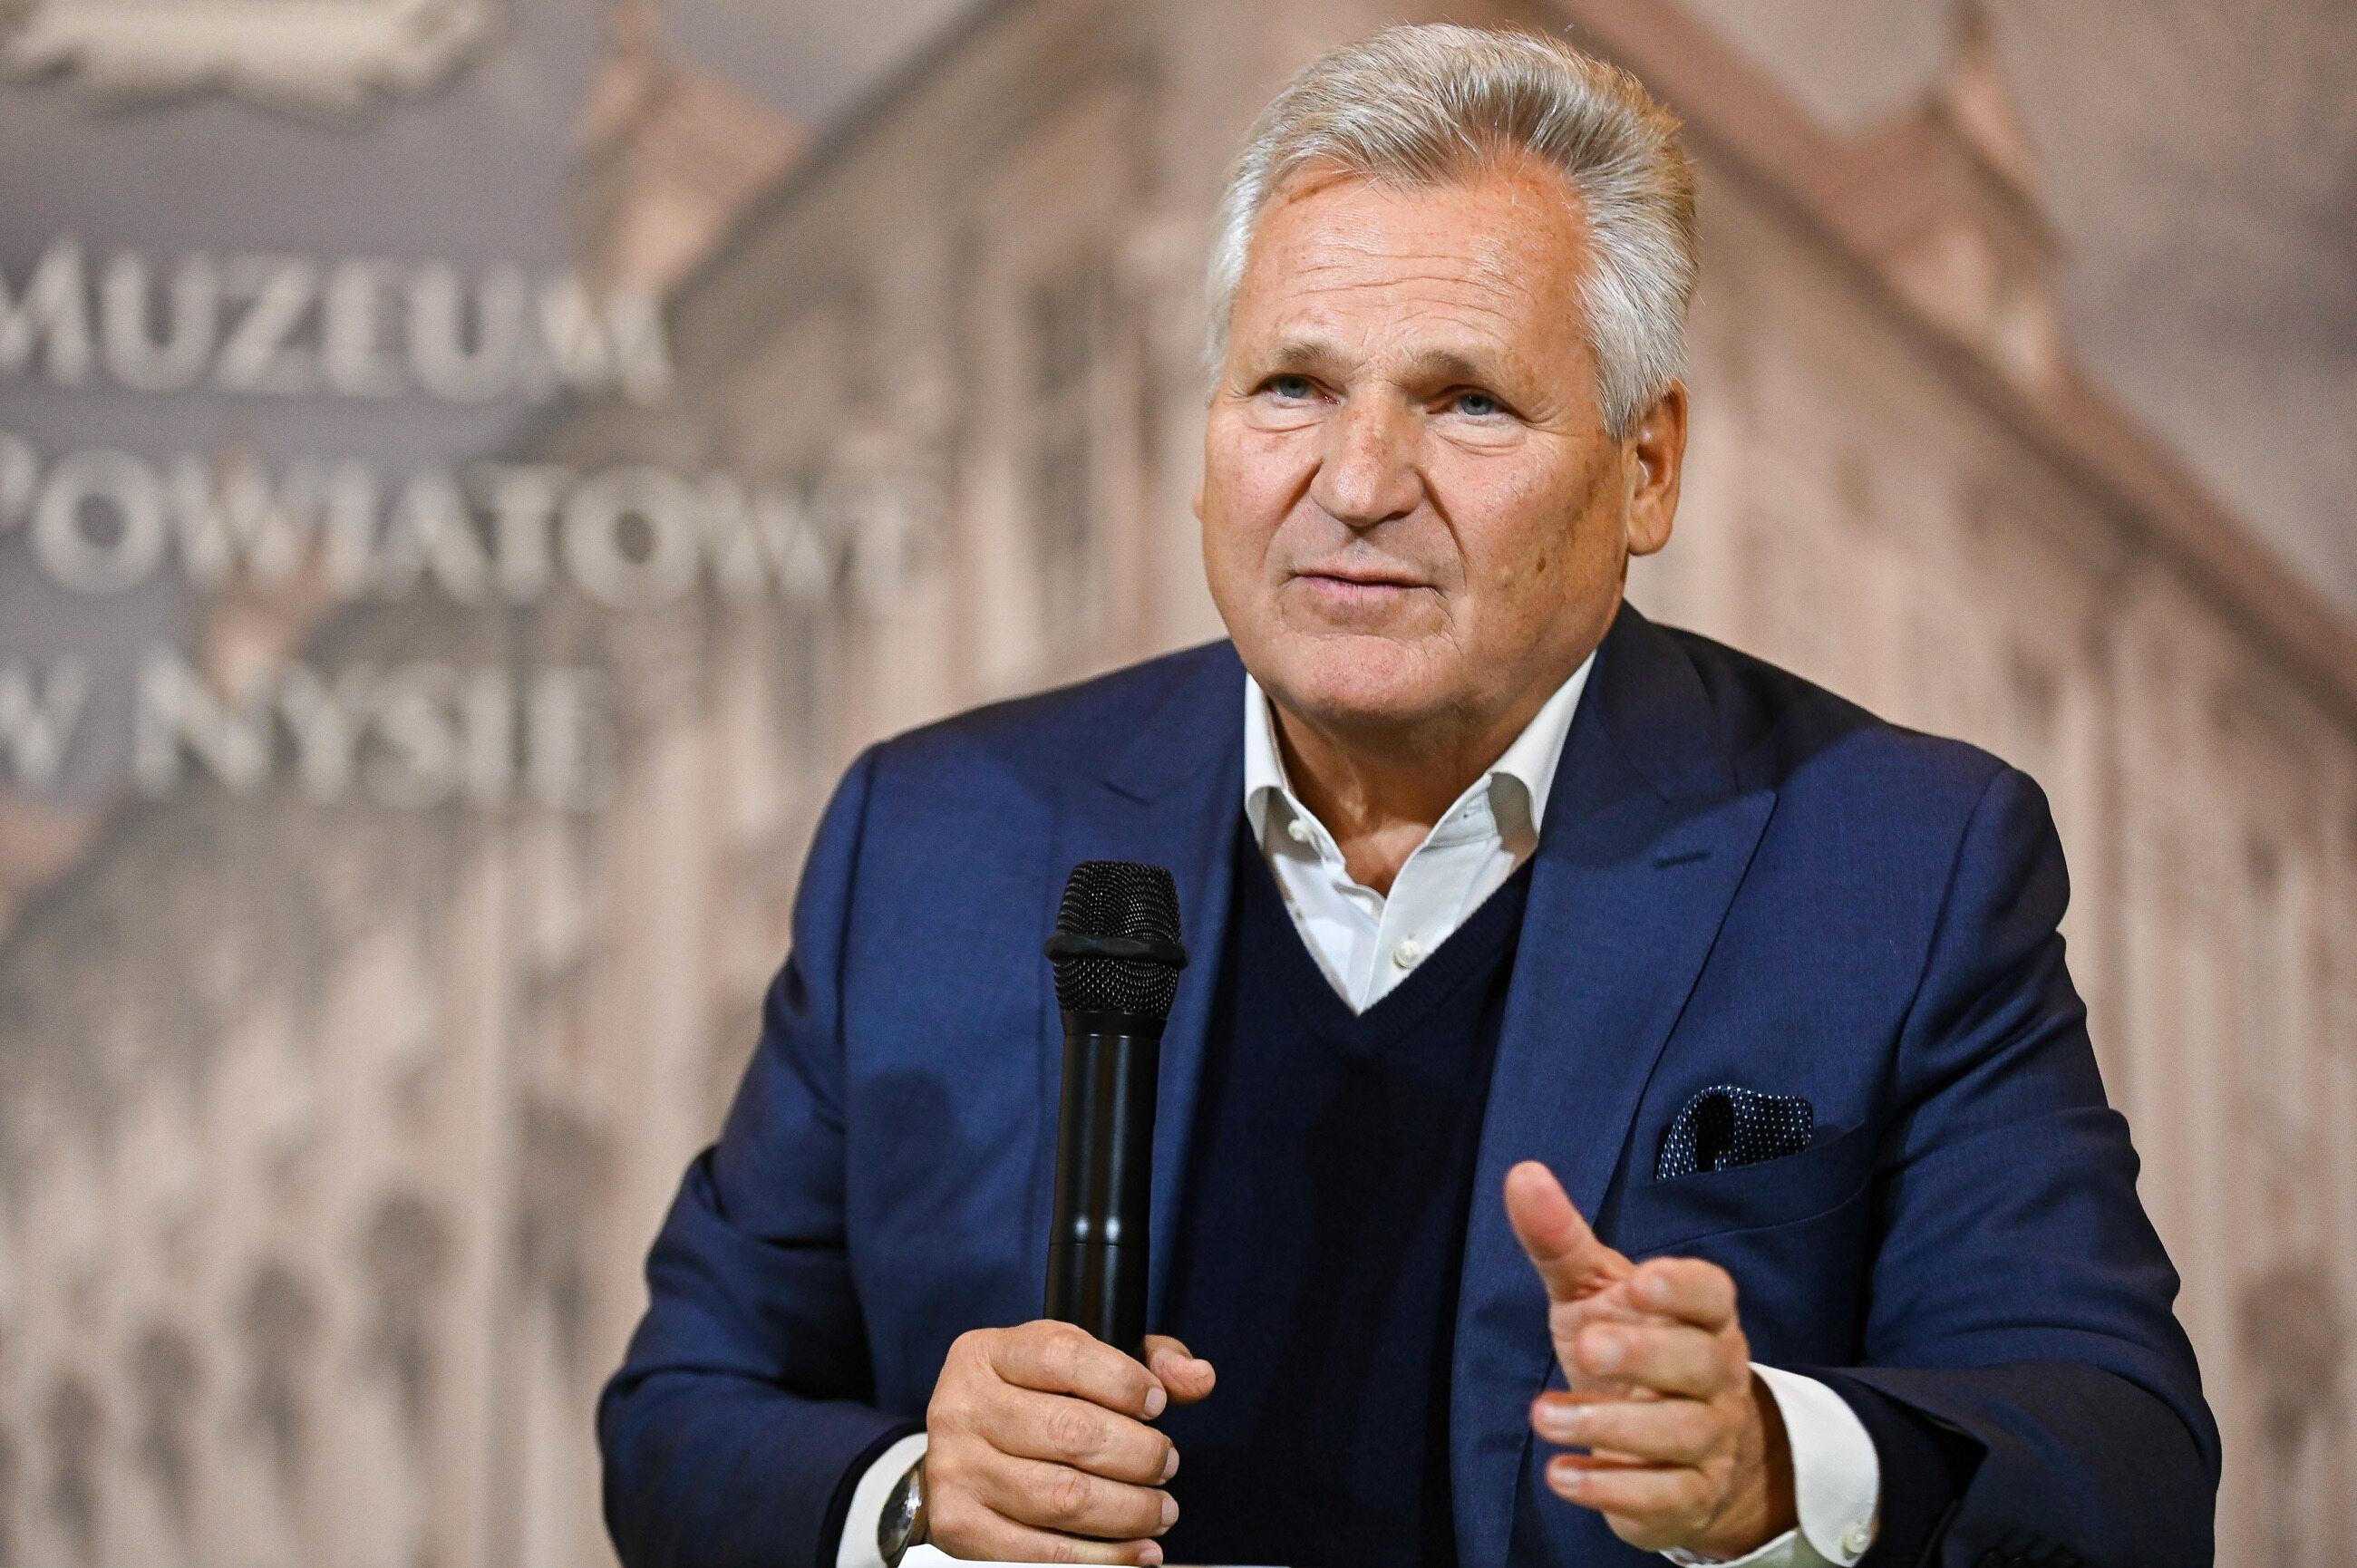 Kwaśniewski o agencie Tomku: Aresztowano go, bo powiedział prawdę i zawiódł miłość swoich przełożonych